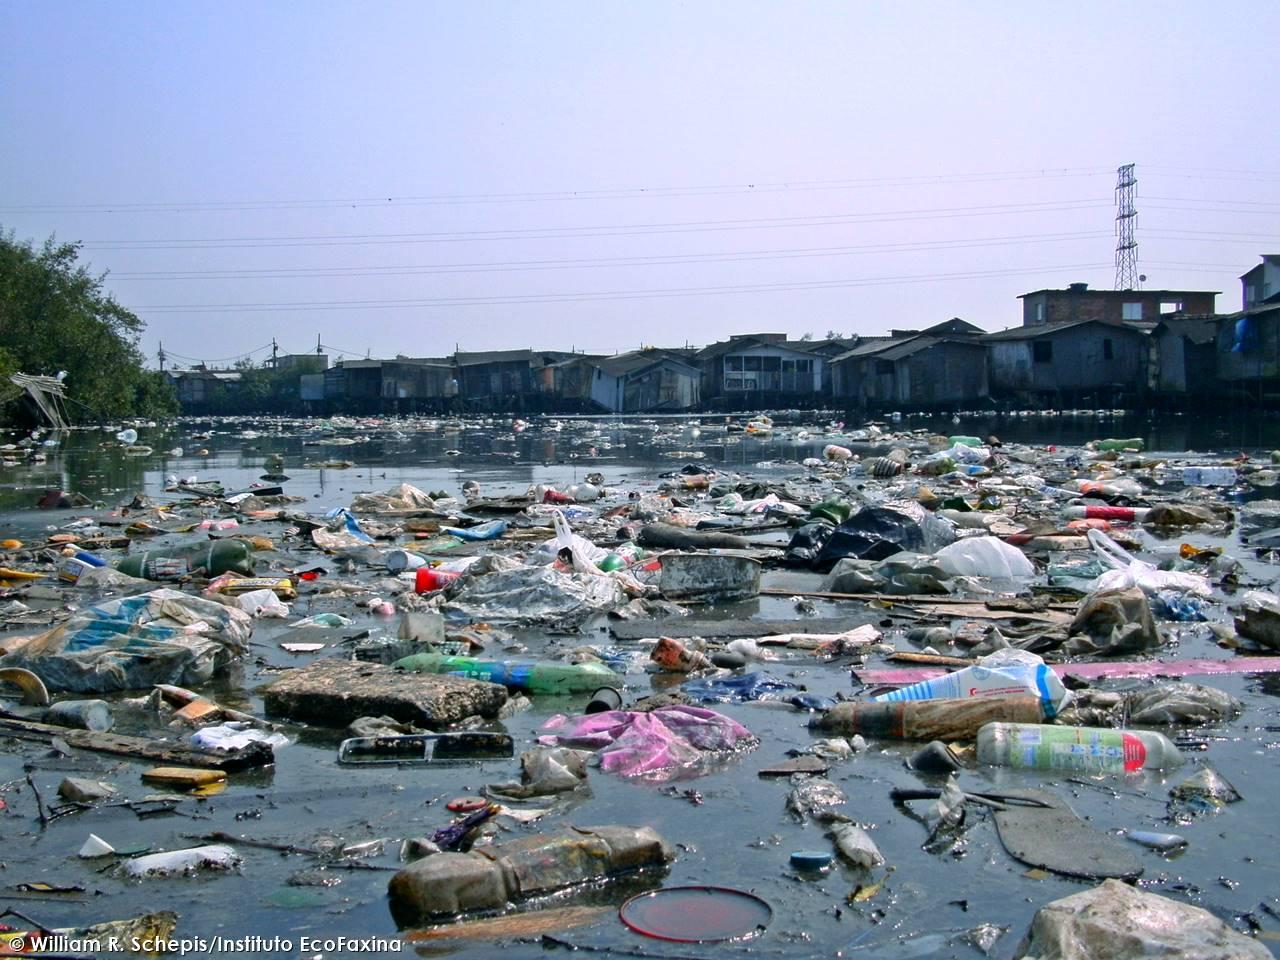 Submoradias em áreas de mangue no estuário de Santos são responsáveis por grande parte da poluição marinha por plástico que afeta região da Baixada Santista. Crédito: William R. Schepis/Instituto EcoFaxina